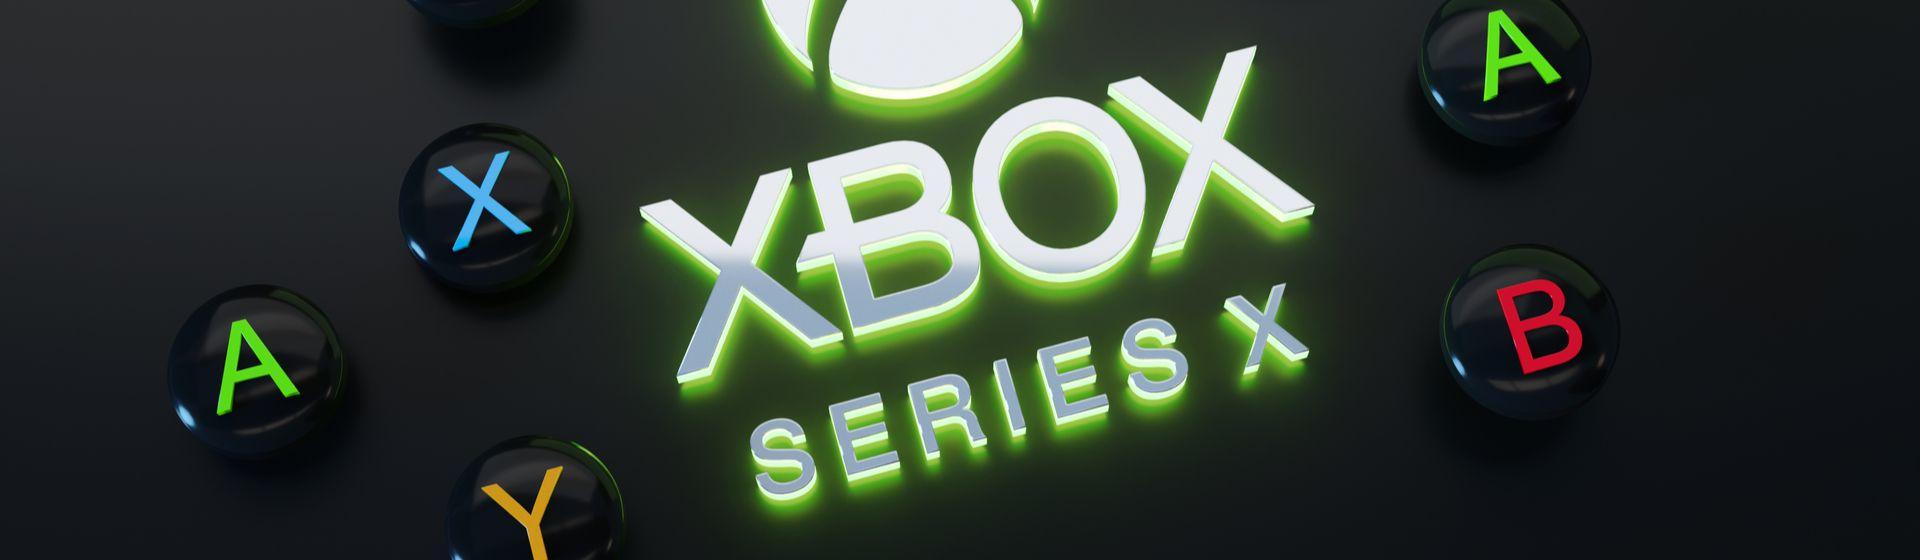 Xbox Series: consoles ficam mais baratos no Brasil